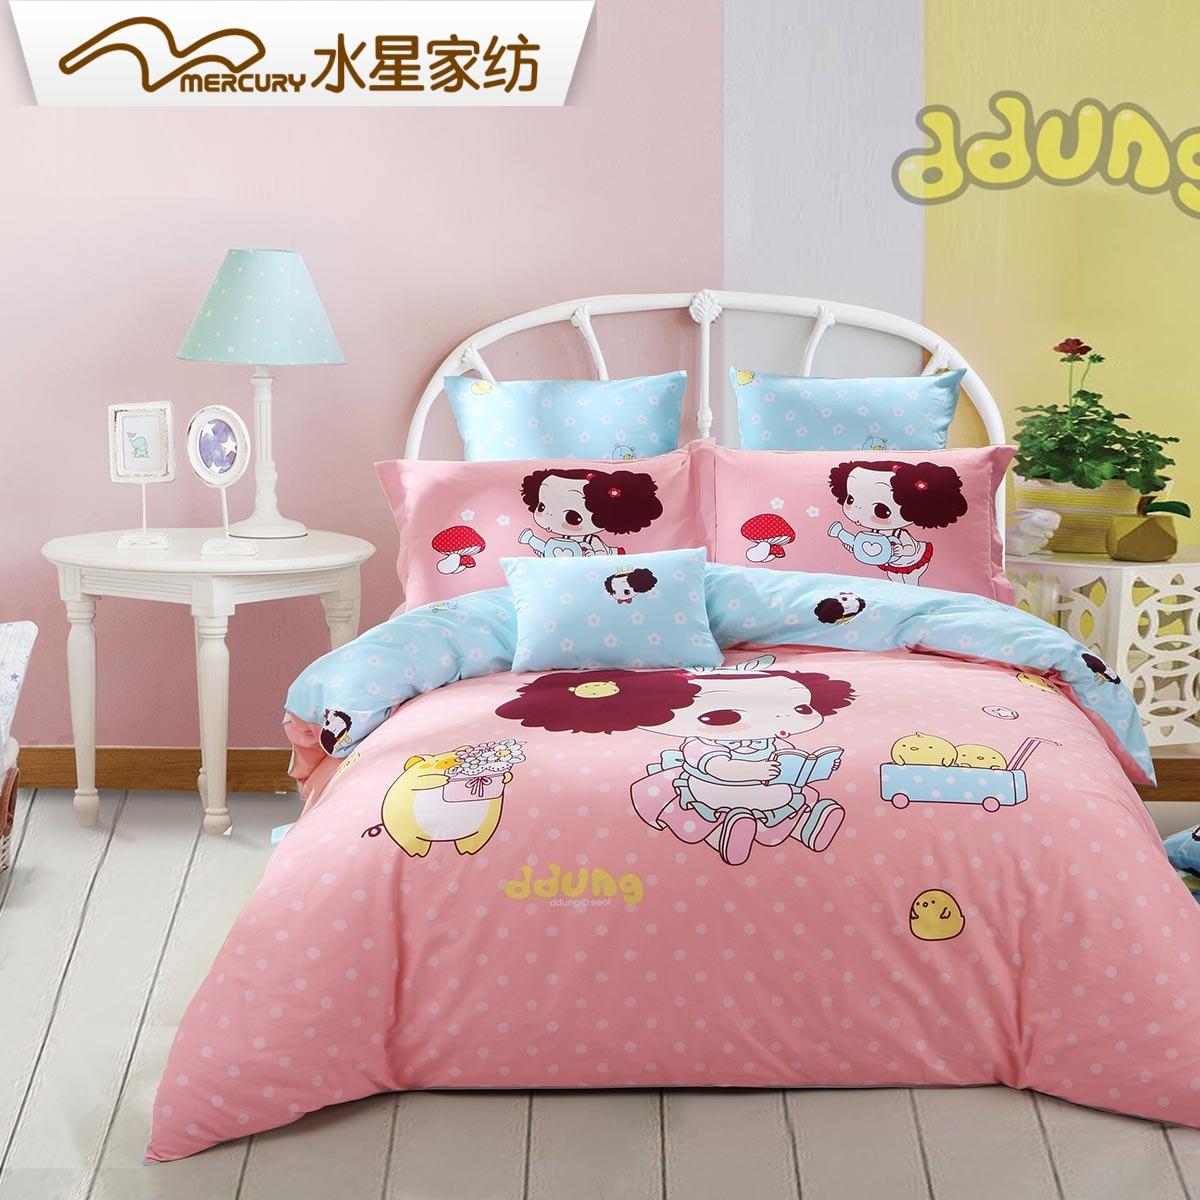 Вода звезда домой спин мультики четыре части хлопок щеткой розовая принцесса ветер утолщённый сохраняющий тепло кровать статьи охрана зима себя